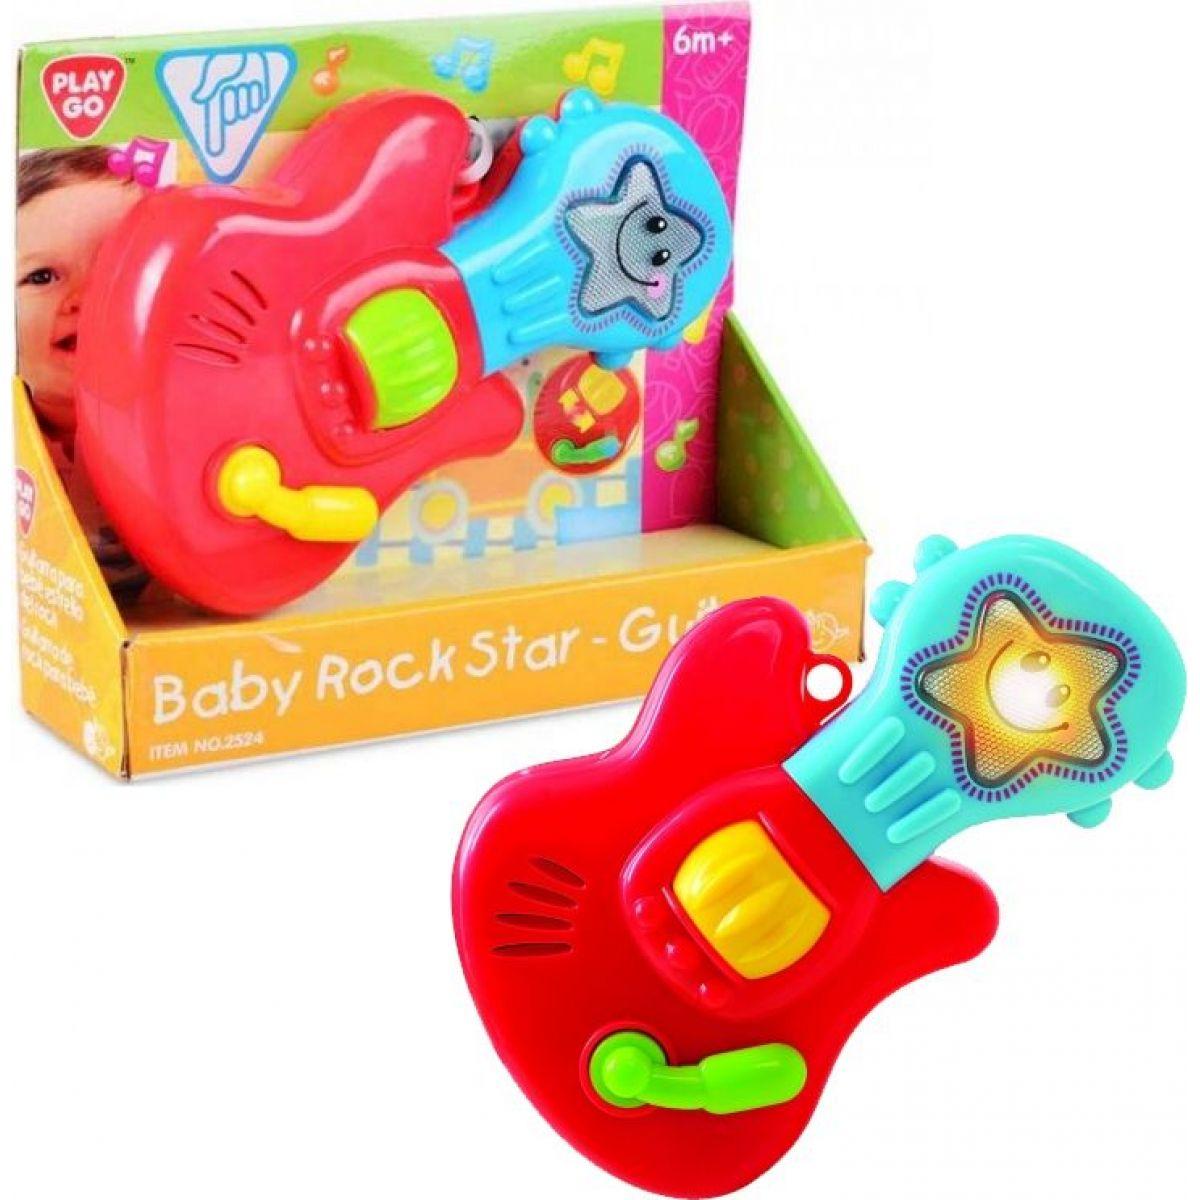 Playgo kytara pro dětskou rockovou hvězdu